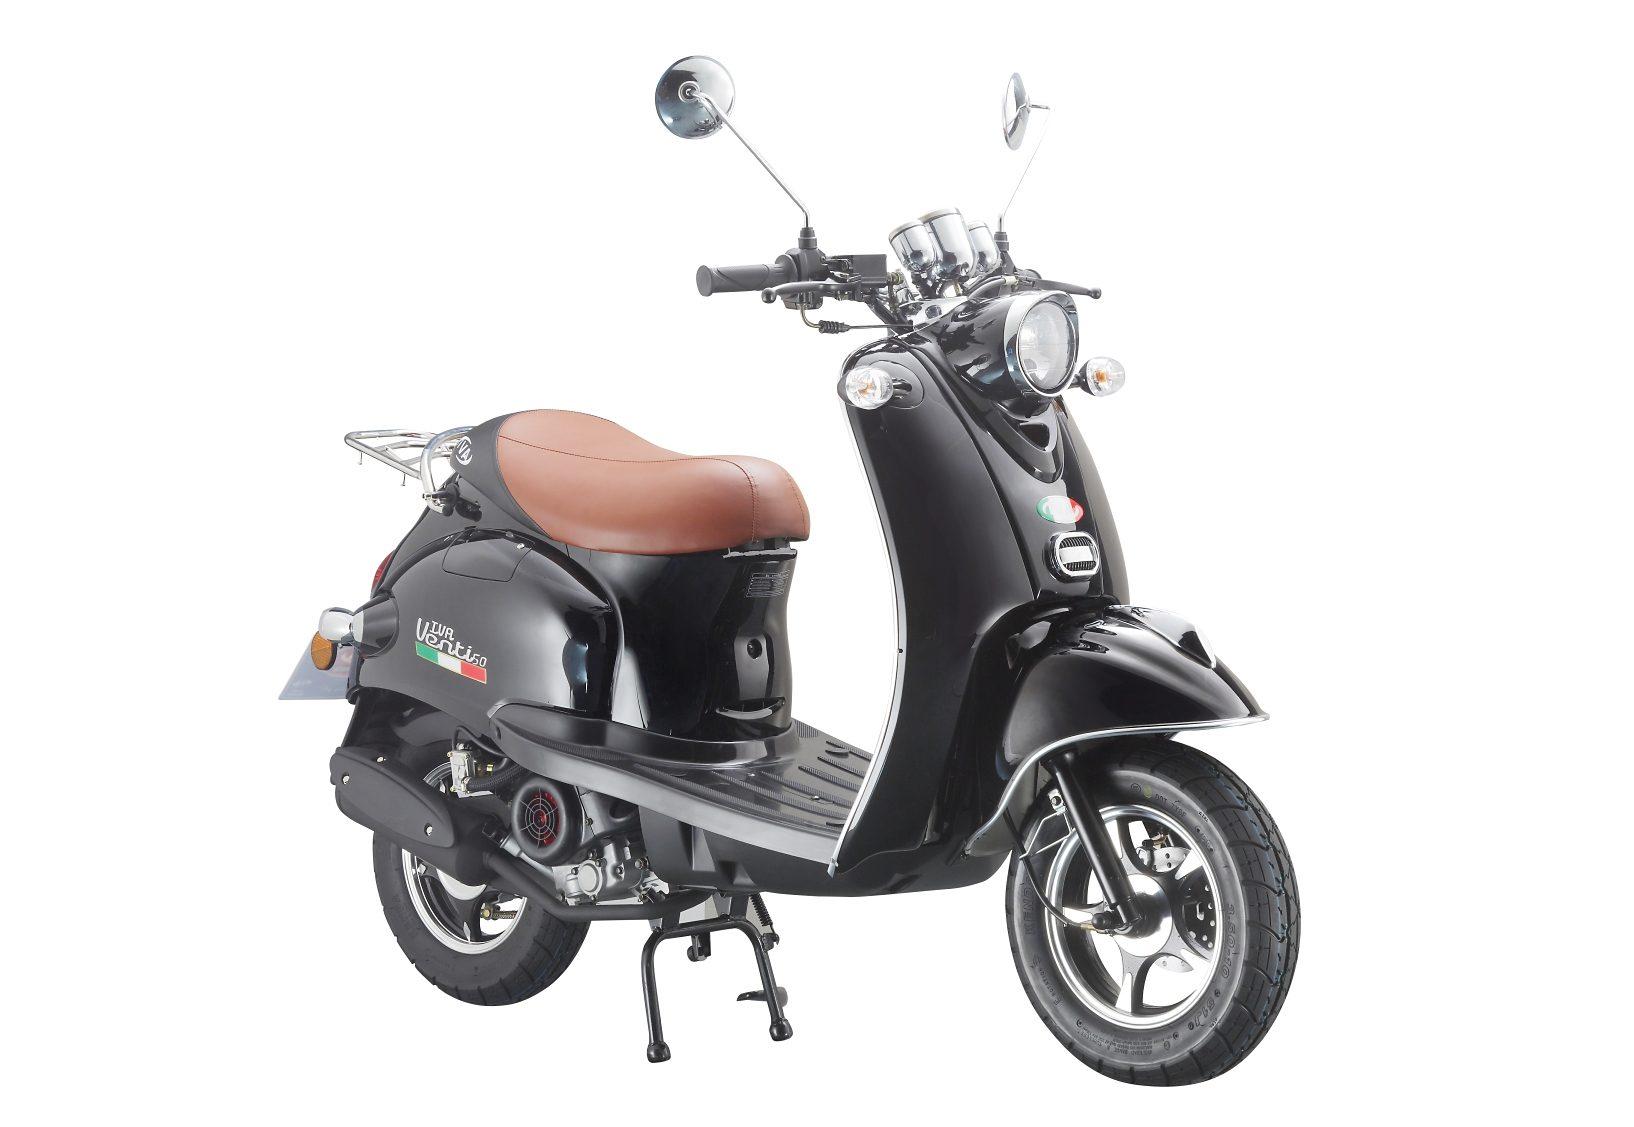 Motorroller »VENTI 50«, 50 ccm 45 km/h, für 2 Personen, schwarz/braun